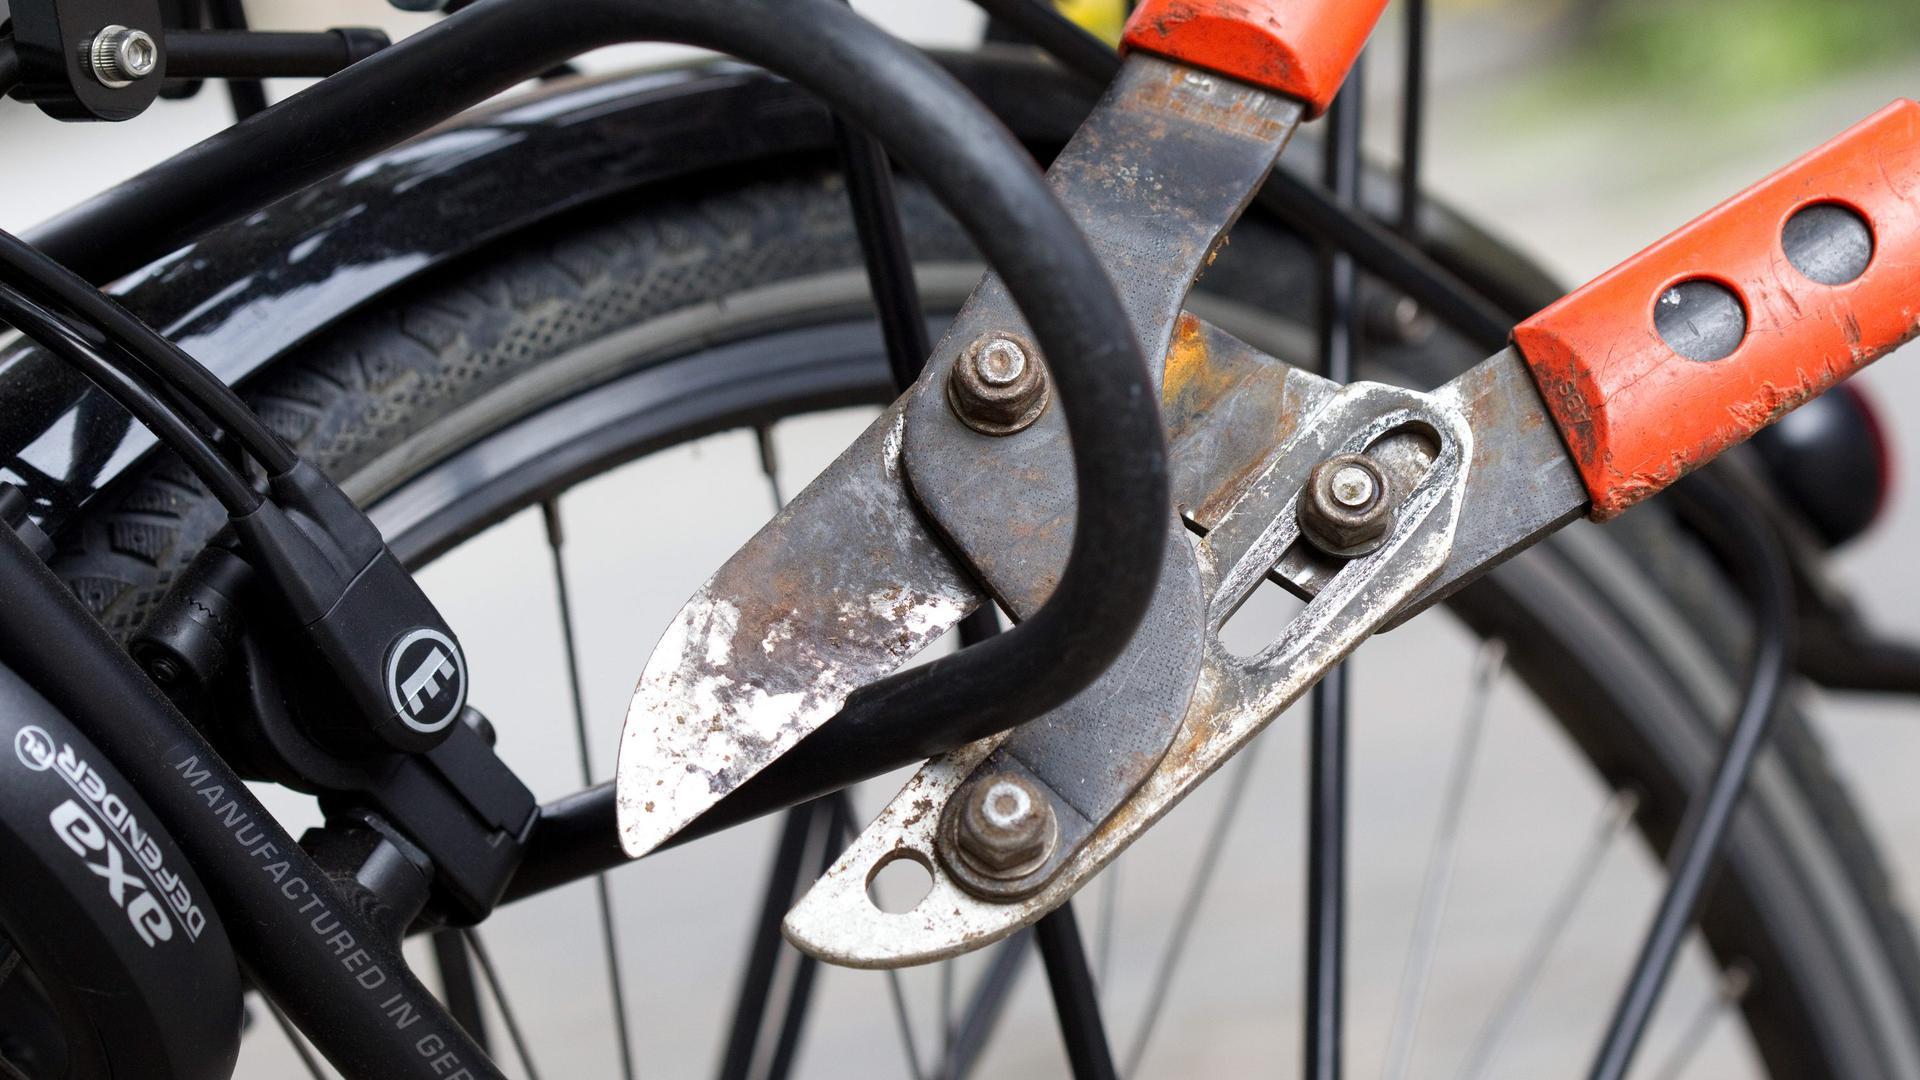 """ARCHIV - ILLUSTRATION - Ein Fahrradschloss wird am 31.08.2011 in Rheine (Nordrhein-Westfalen) mit einem Bolzenschneider geöffnet. (zu dpa «Prozess gegen Bande von Fahrraddieben"""" vom 18.09.2017) Foto: Friso Gentsch/dpa +++(c) dpa - Bildfunk+++"""